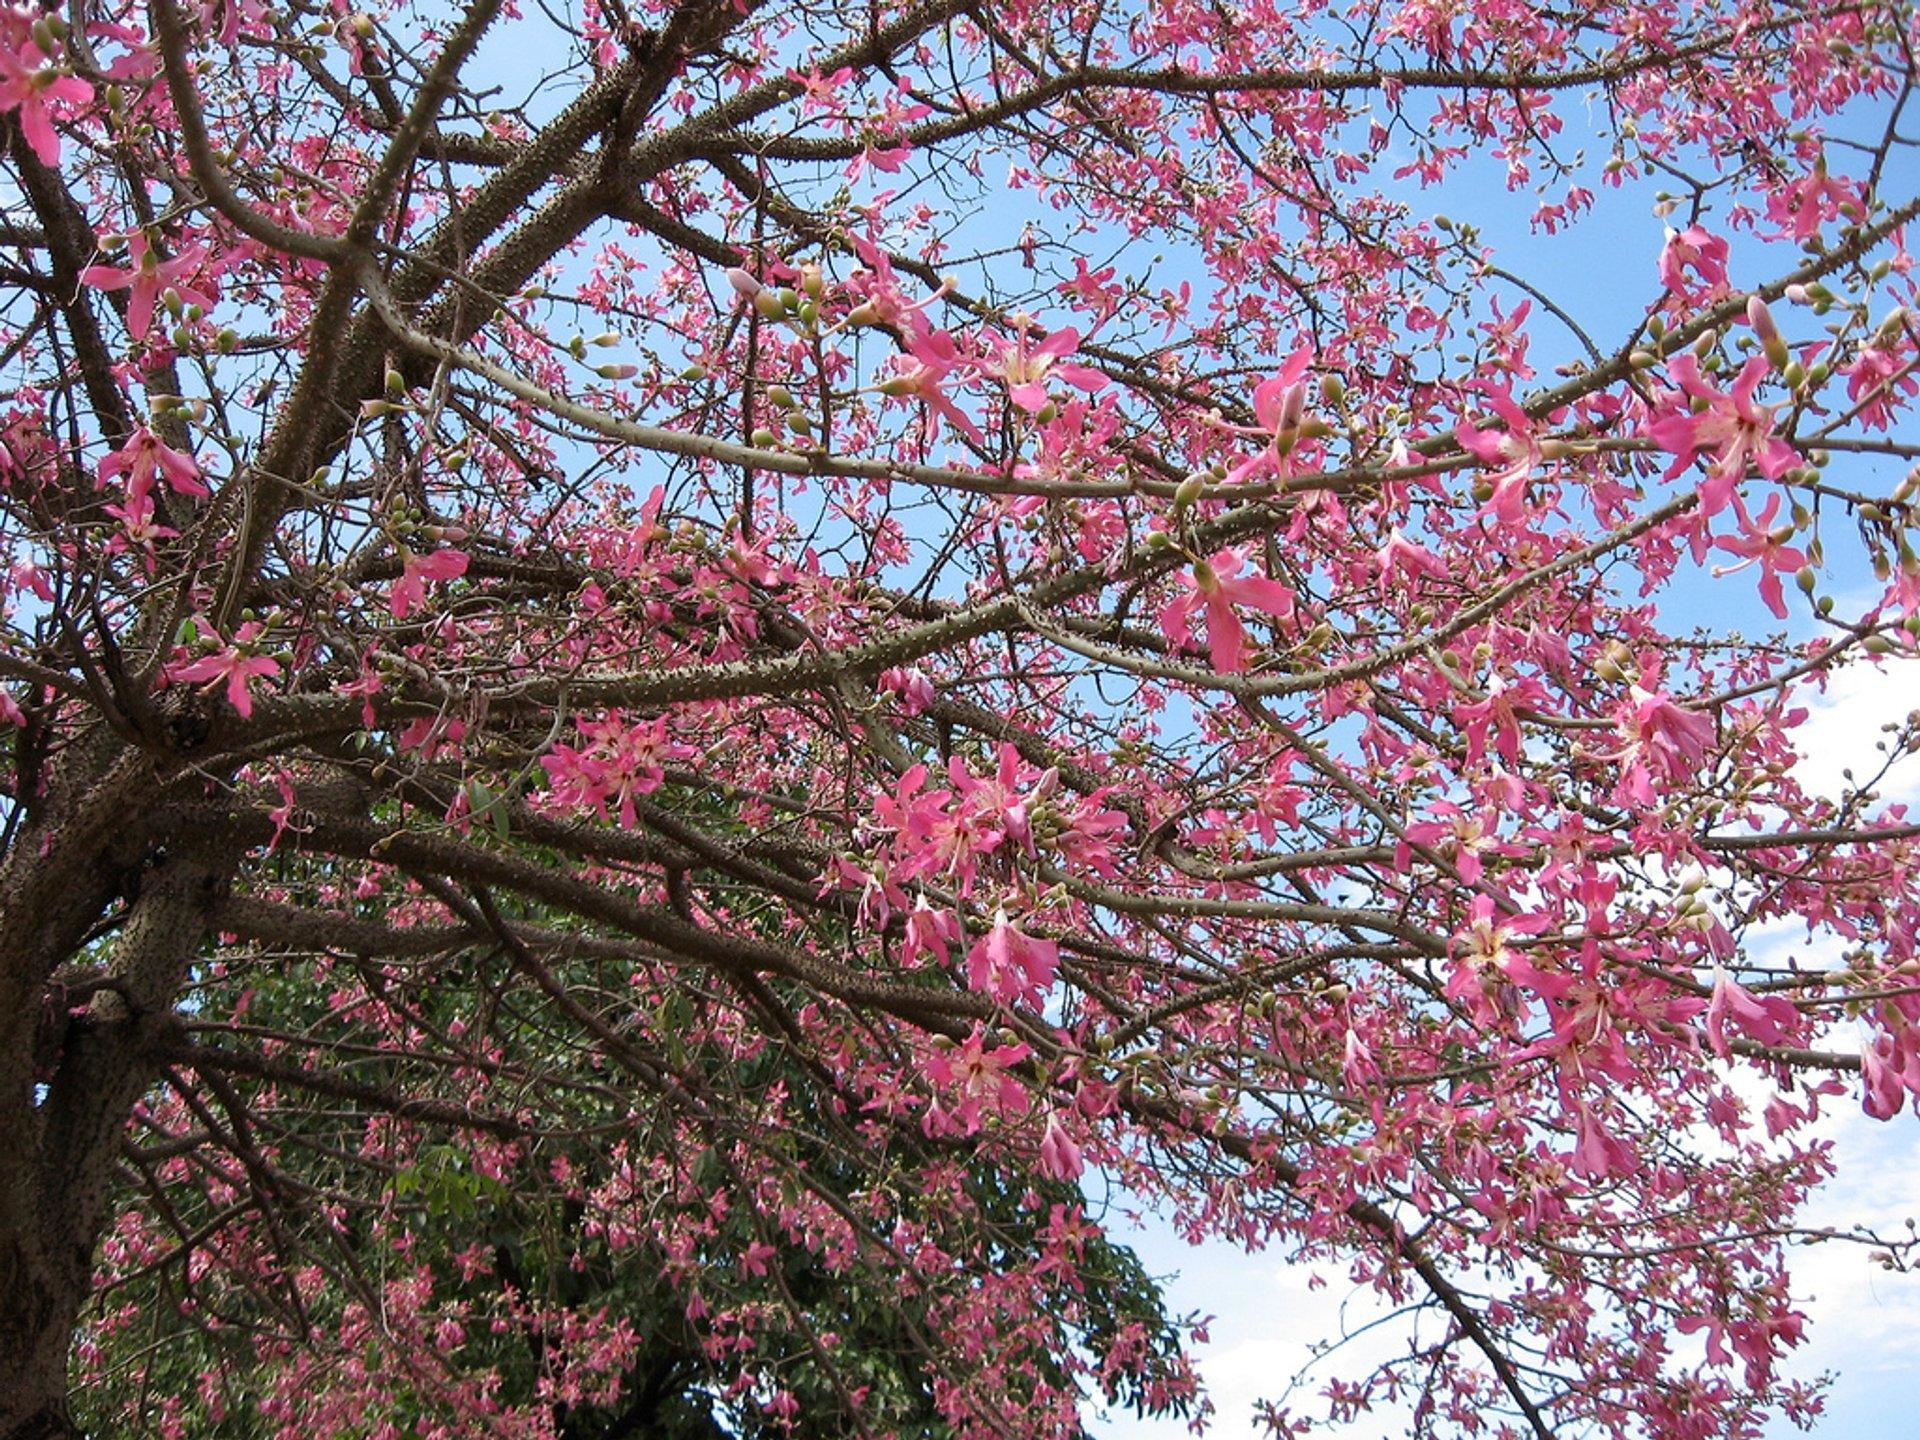 Toborochi Tree in Bloom in Bolivia 2020 - Best Time